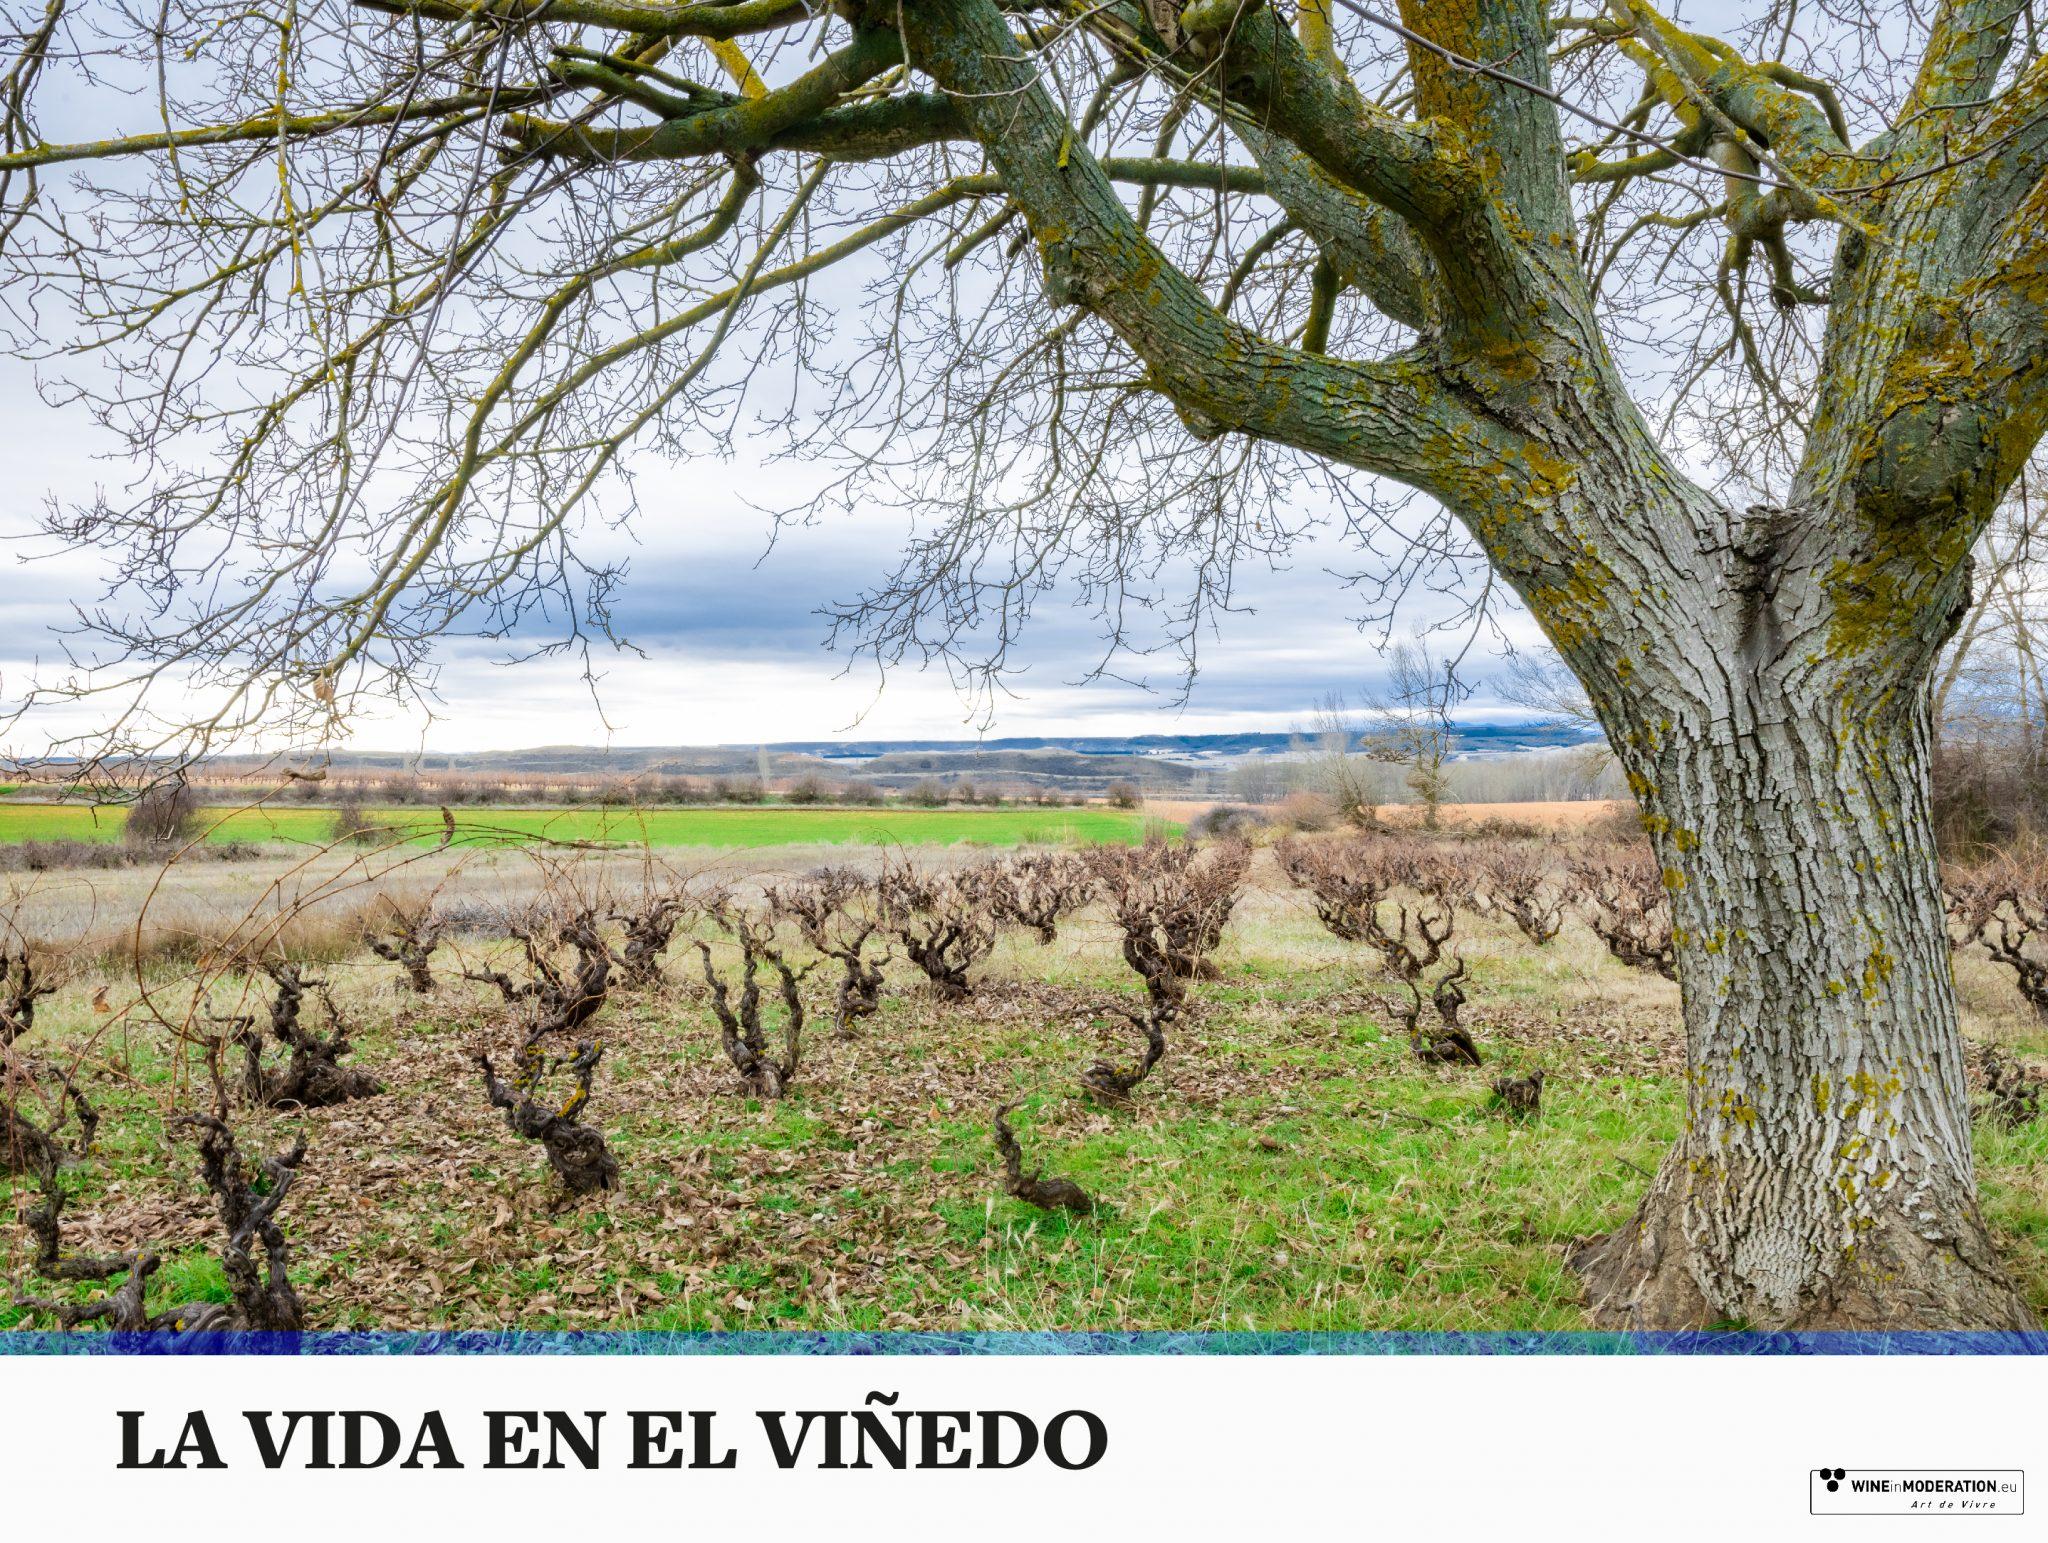 La vida en el viñedo